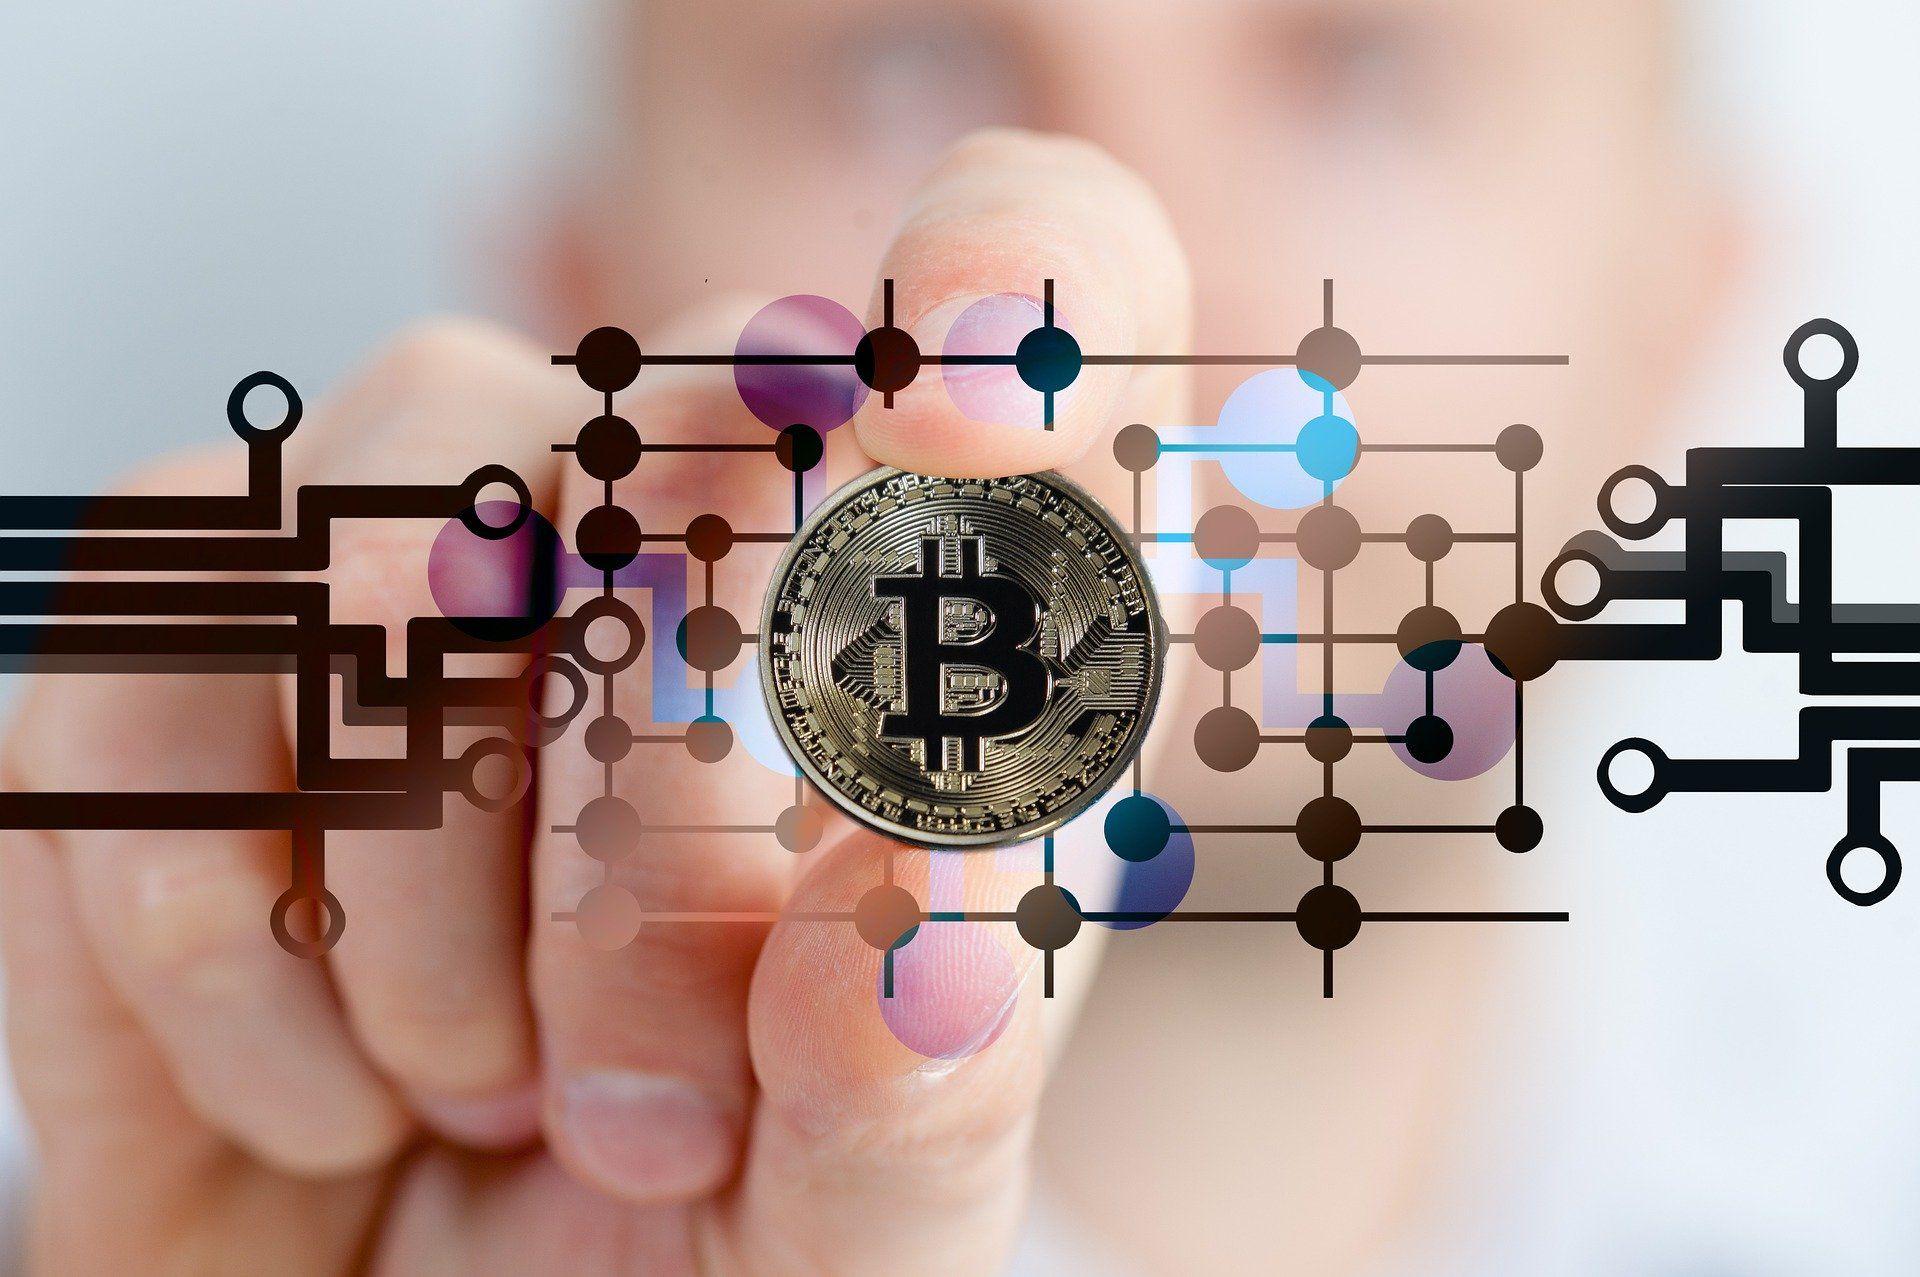 Die Blockchain wird nicht nur die weltweit etablierten Zahlungssysteme revolutionieren